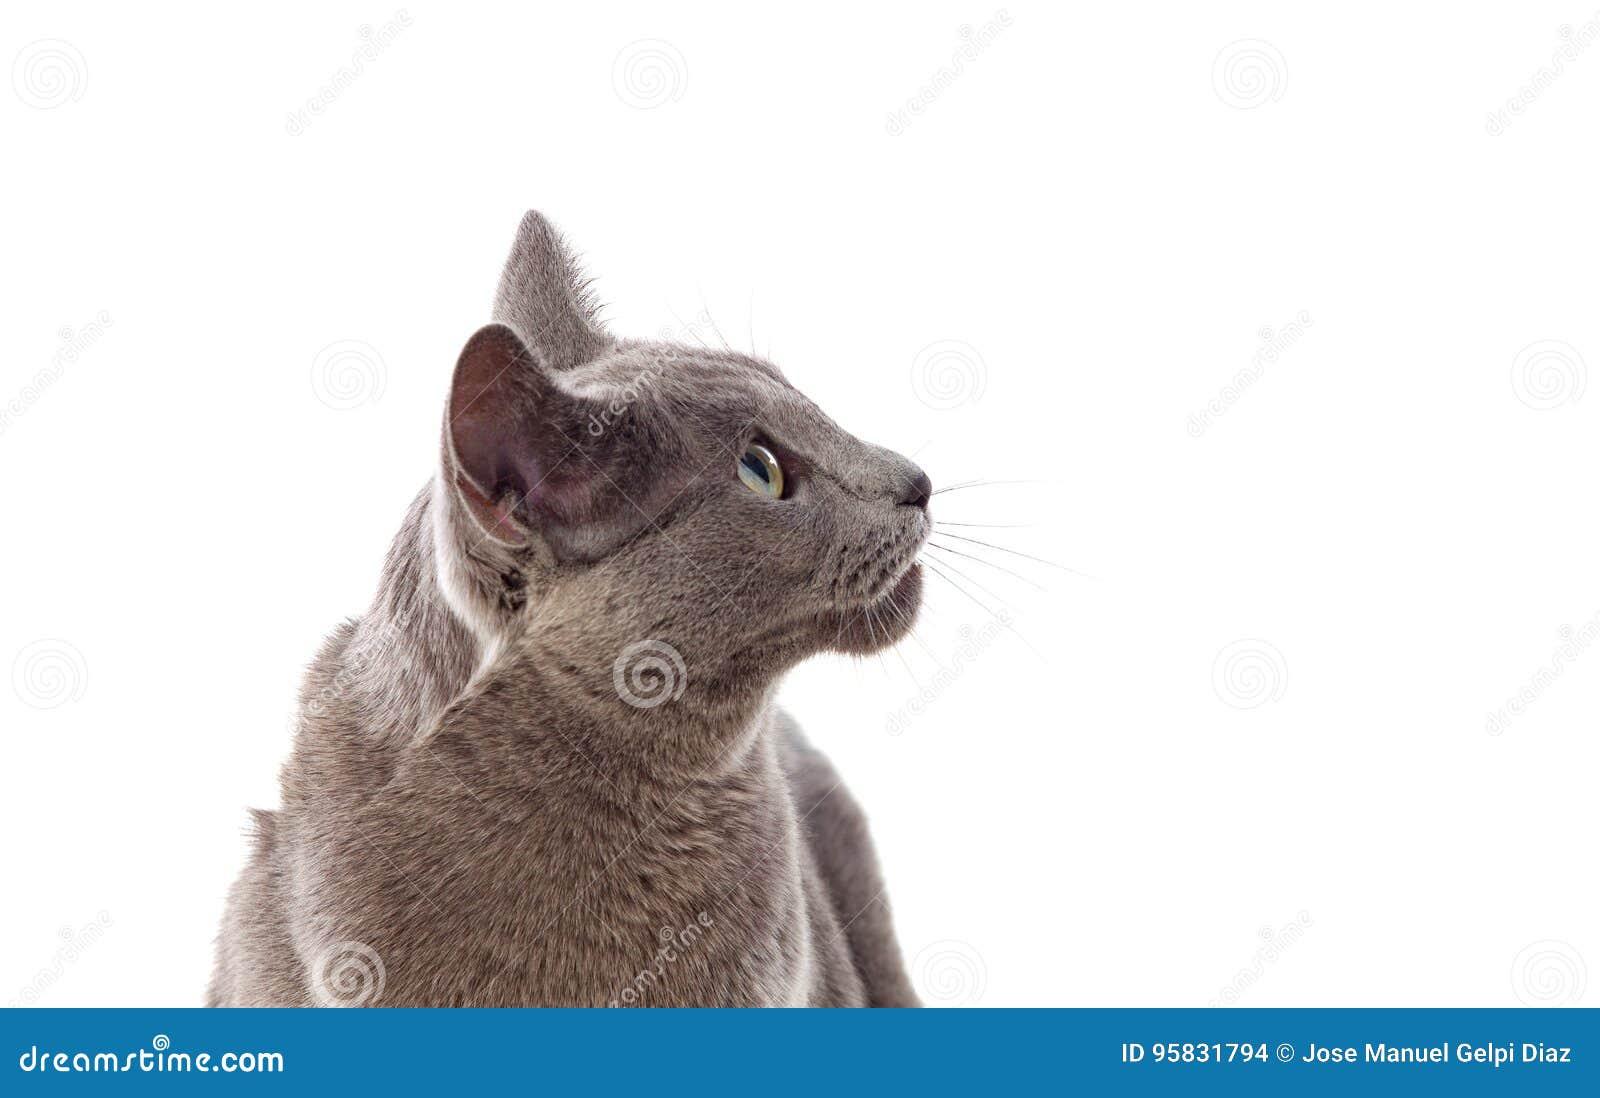 Chat gris adorable avec les yeux verts